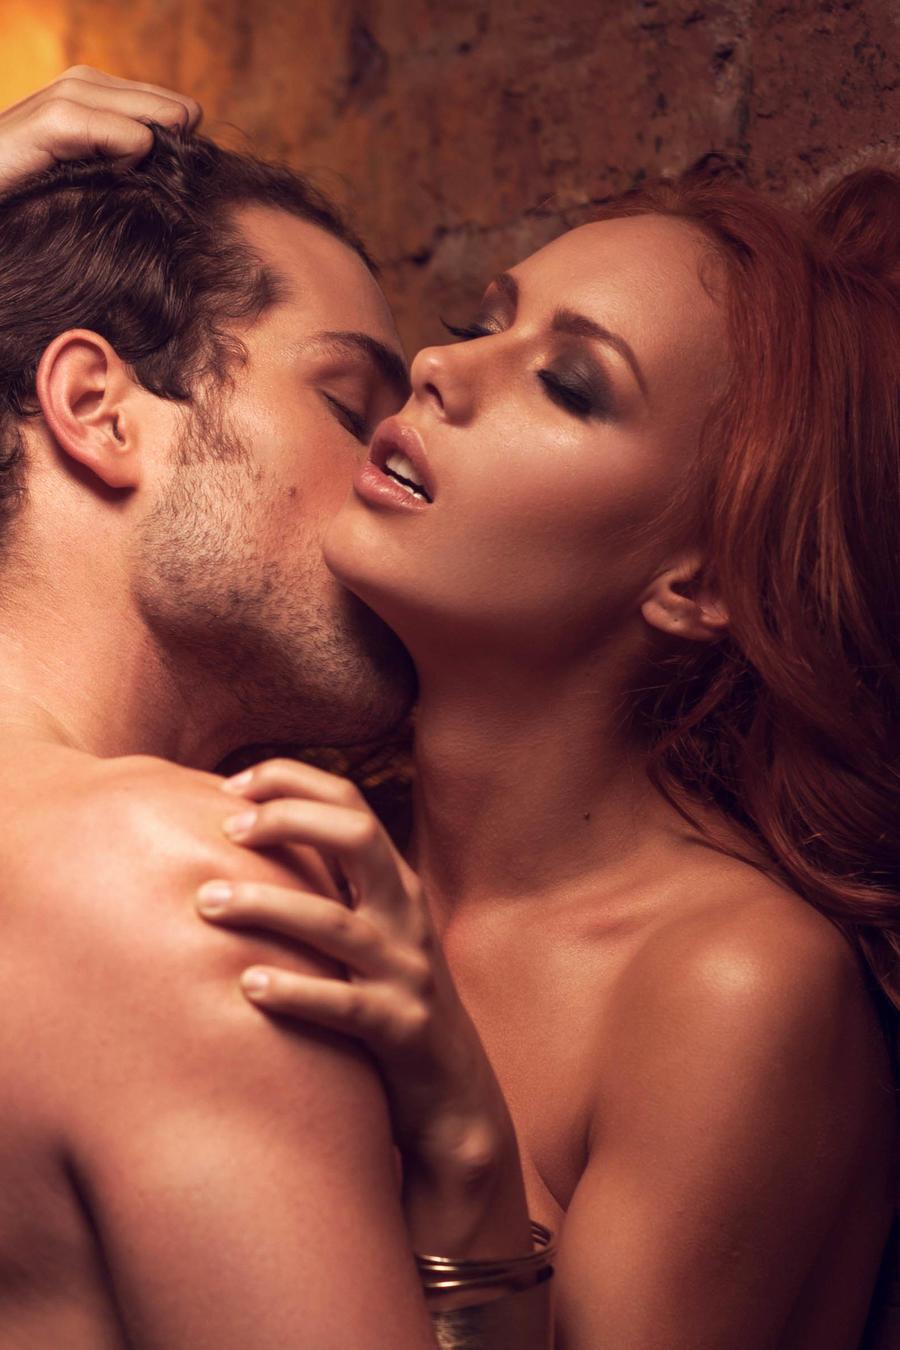 Pareja besándose apasionadamente contra la pared